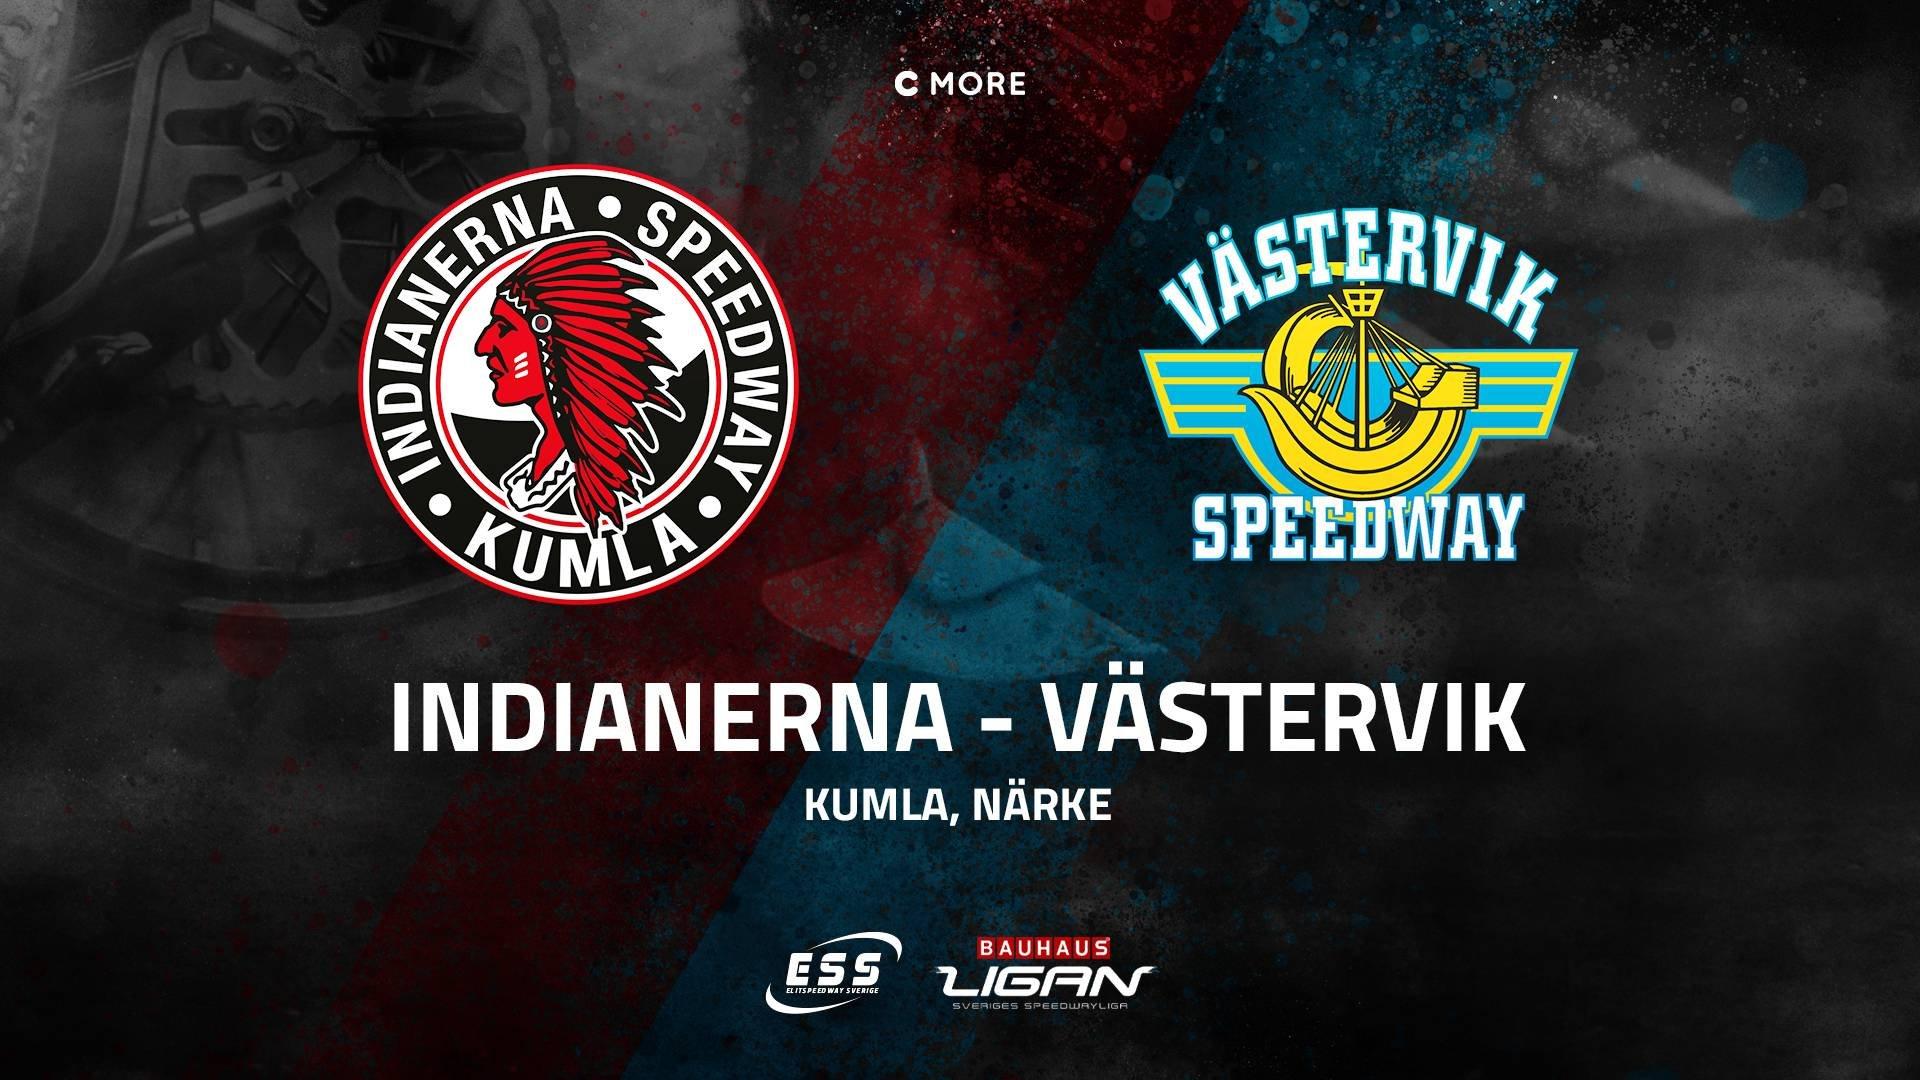 Indianerna - Västervik